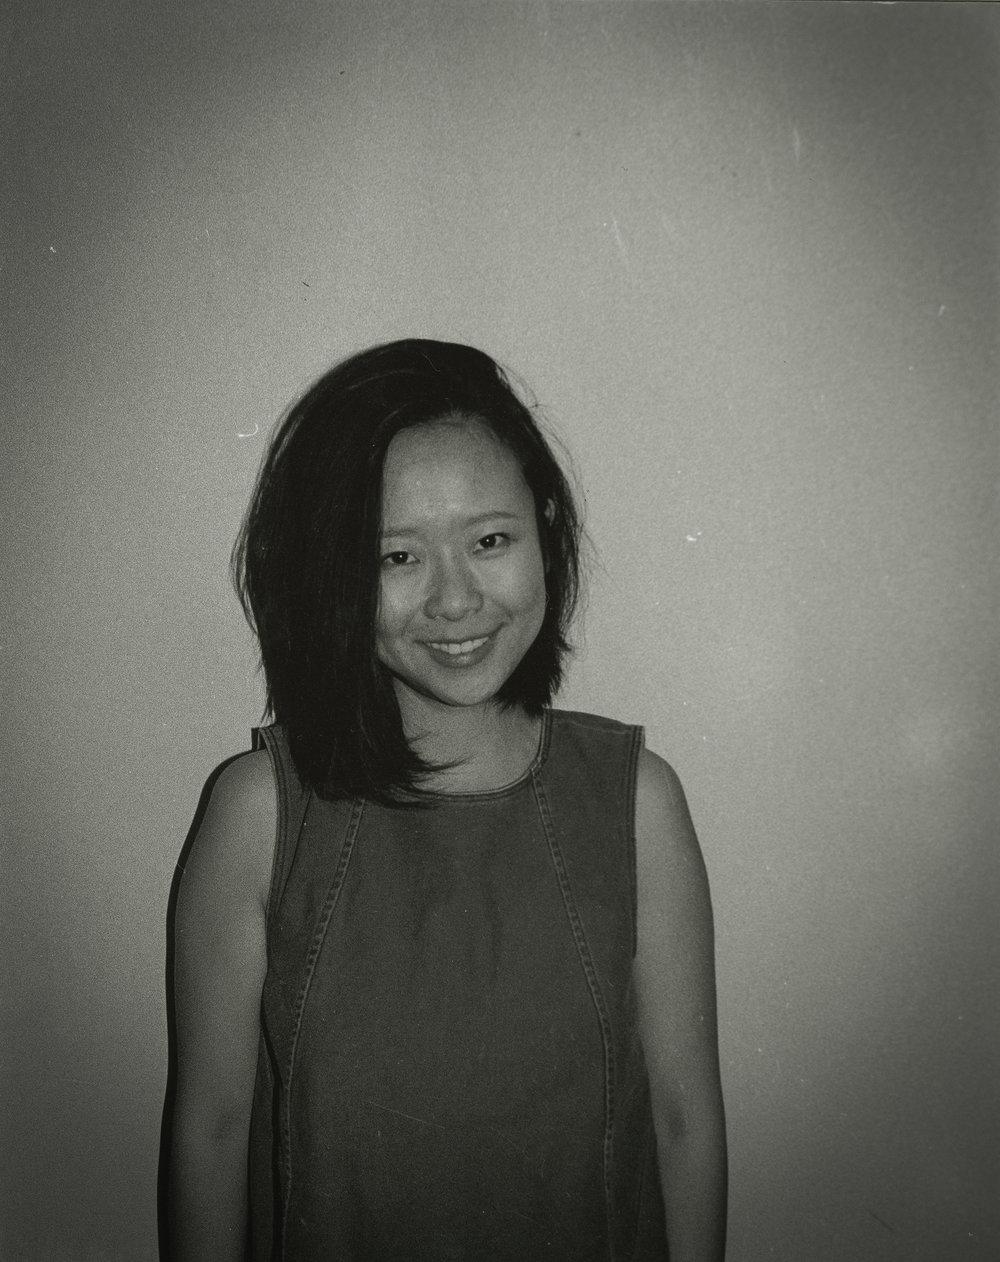 00 _ Shang _ blank wall_small.jpg